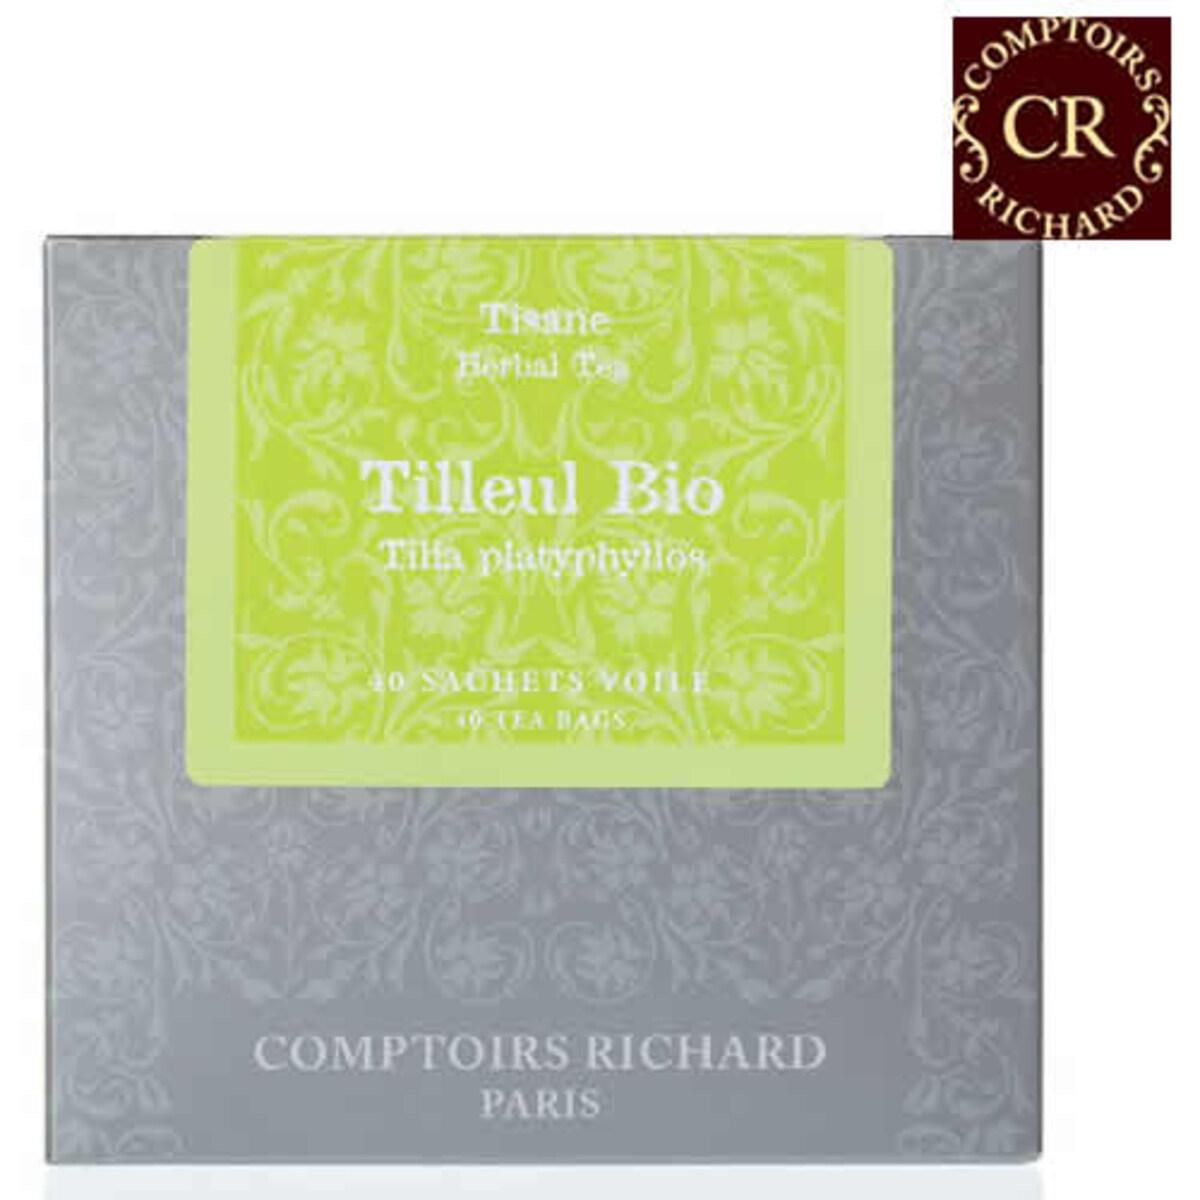 Comptoirs Richard Tilleul Bio 40 сашета био билков чай Липов